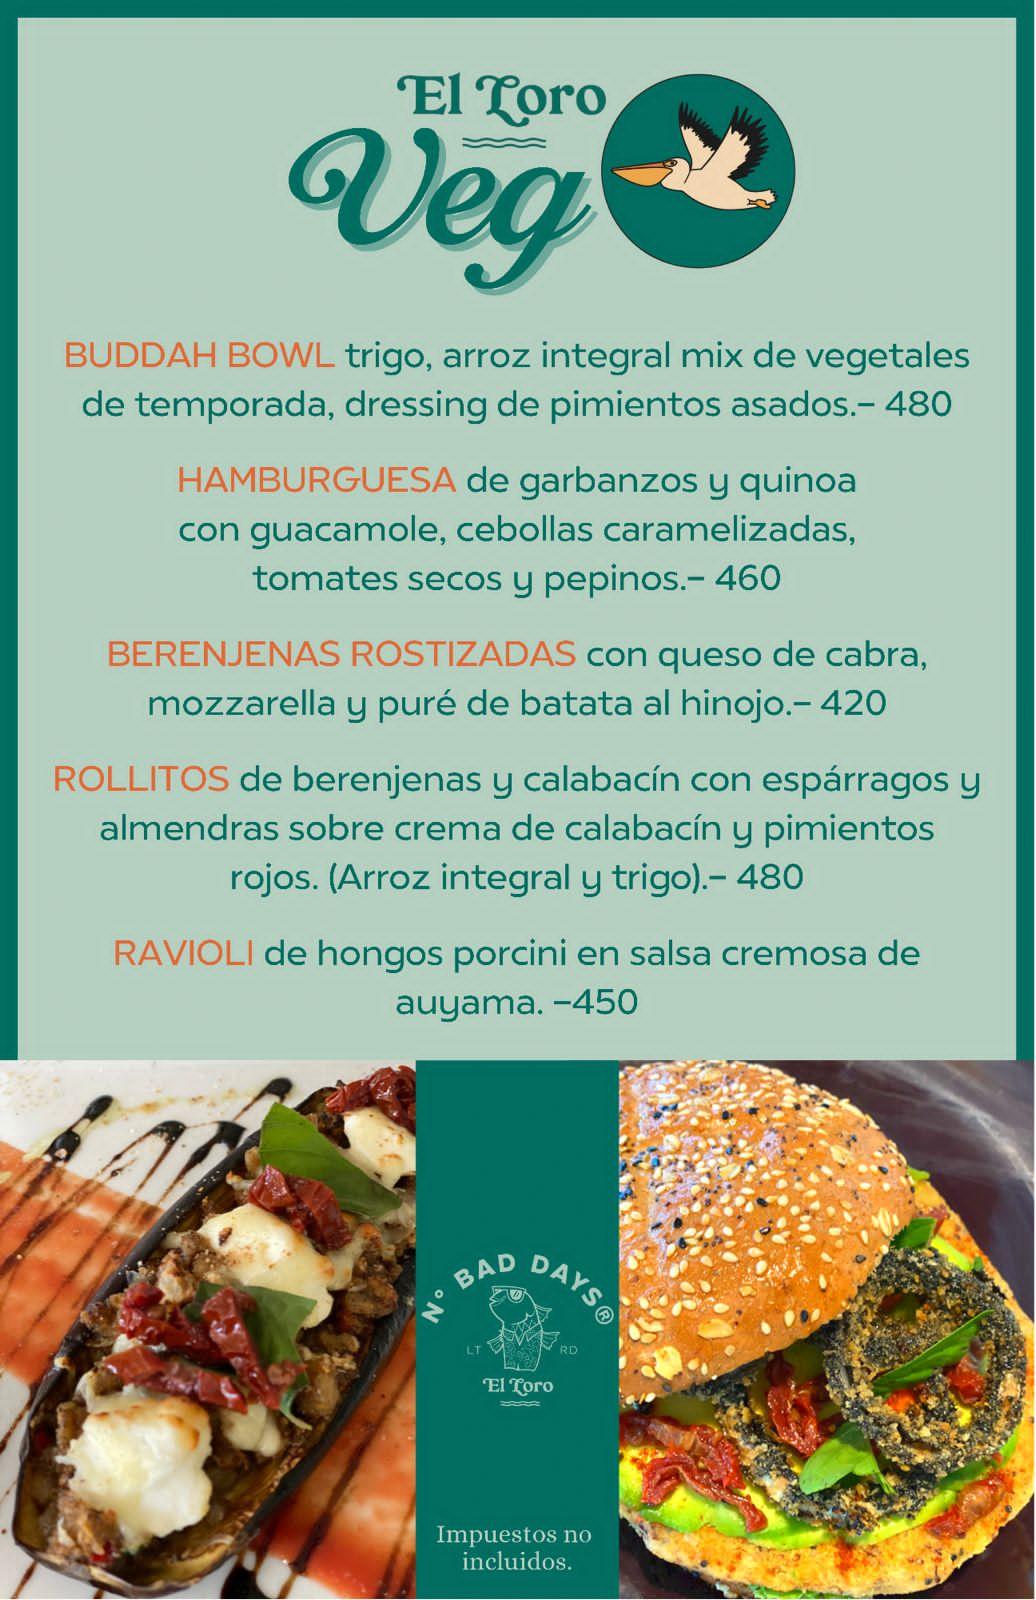 El Loro Restaurante